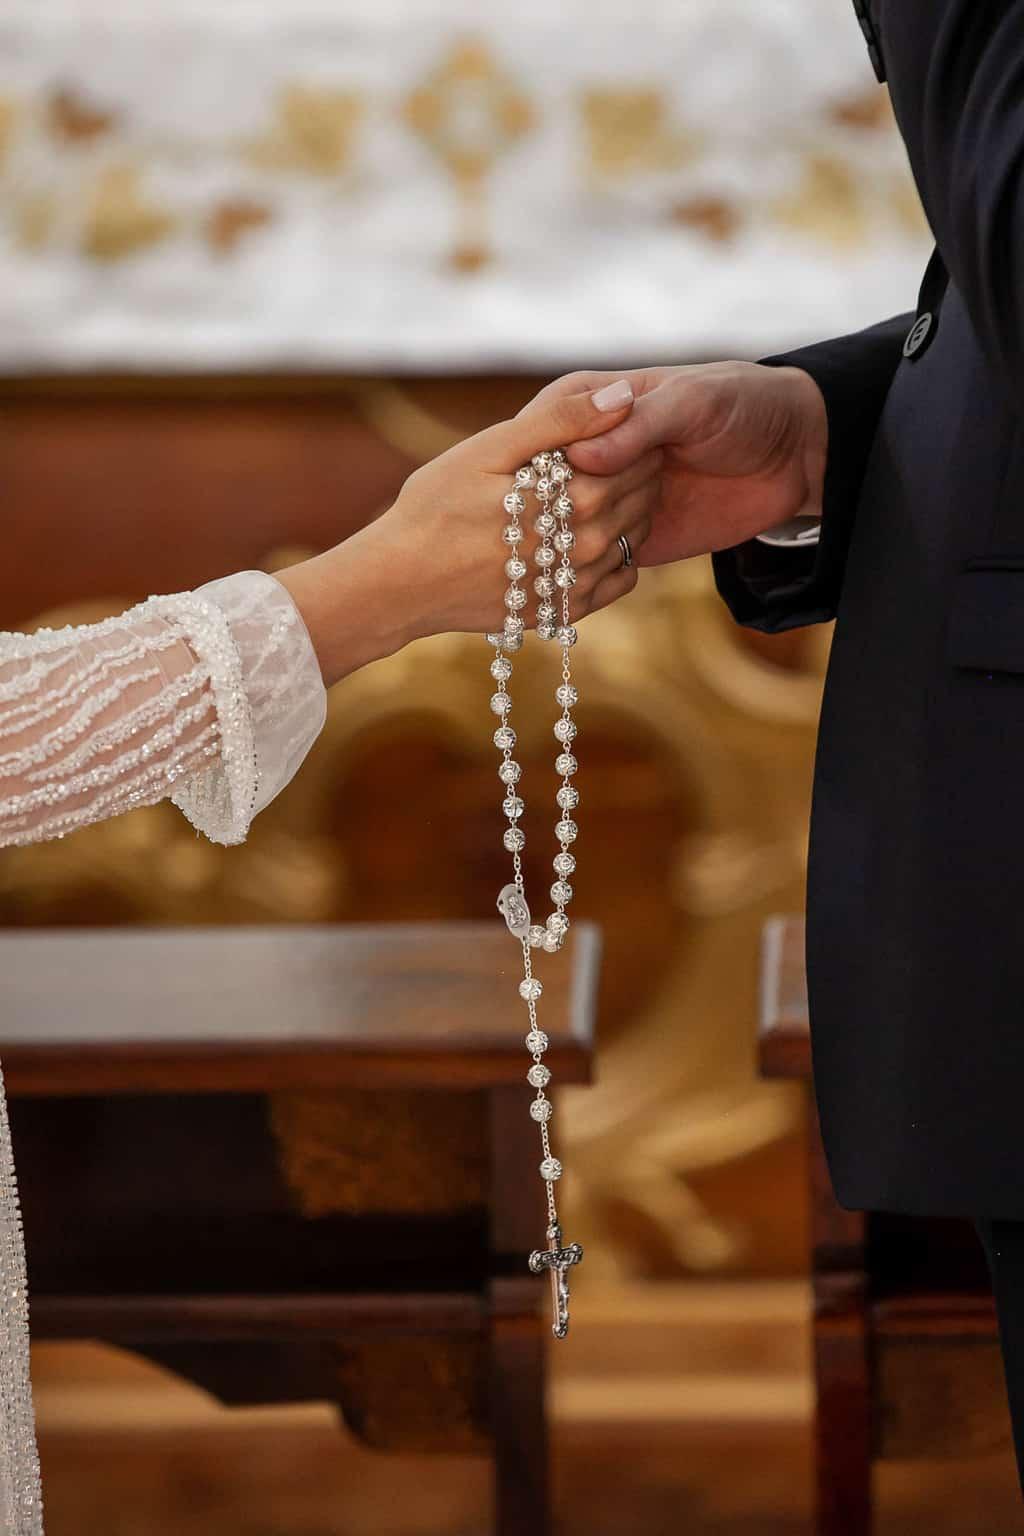 casamento-luiza-e-gustavo-cerimonia-na-igreja-cerimonial-casamento-de-ideias-fotografia-lenine-serejo-Igreja-Nossa-Senhora-da-Conceicao21